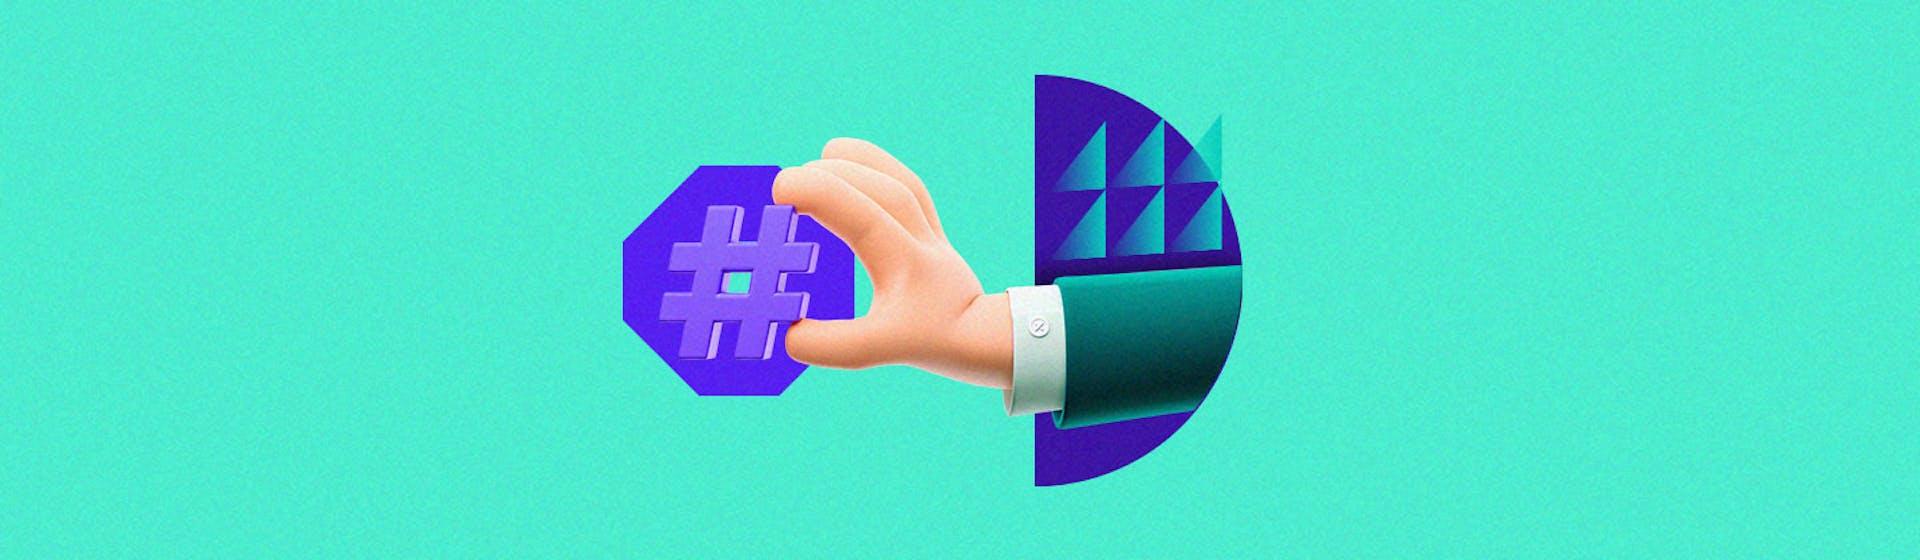 ¿Qué es un hashtag, para qué sirve y cómo usarlo para llegar a nuevos clientes?